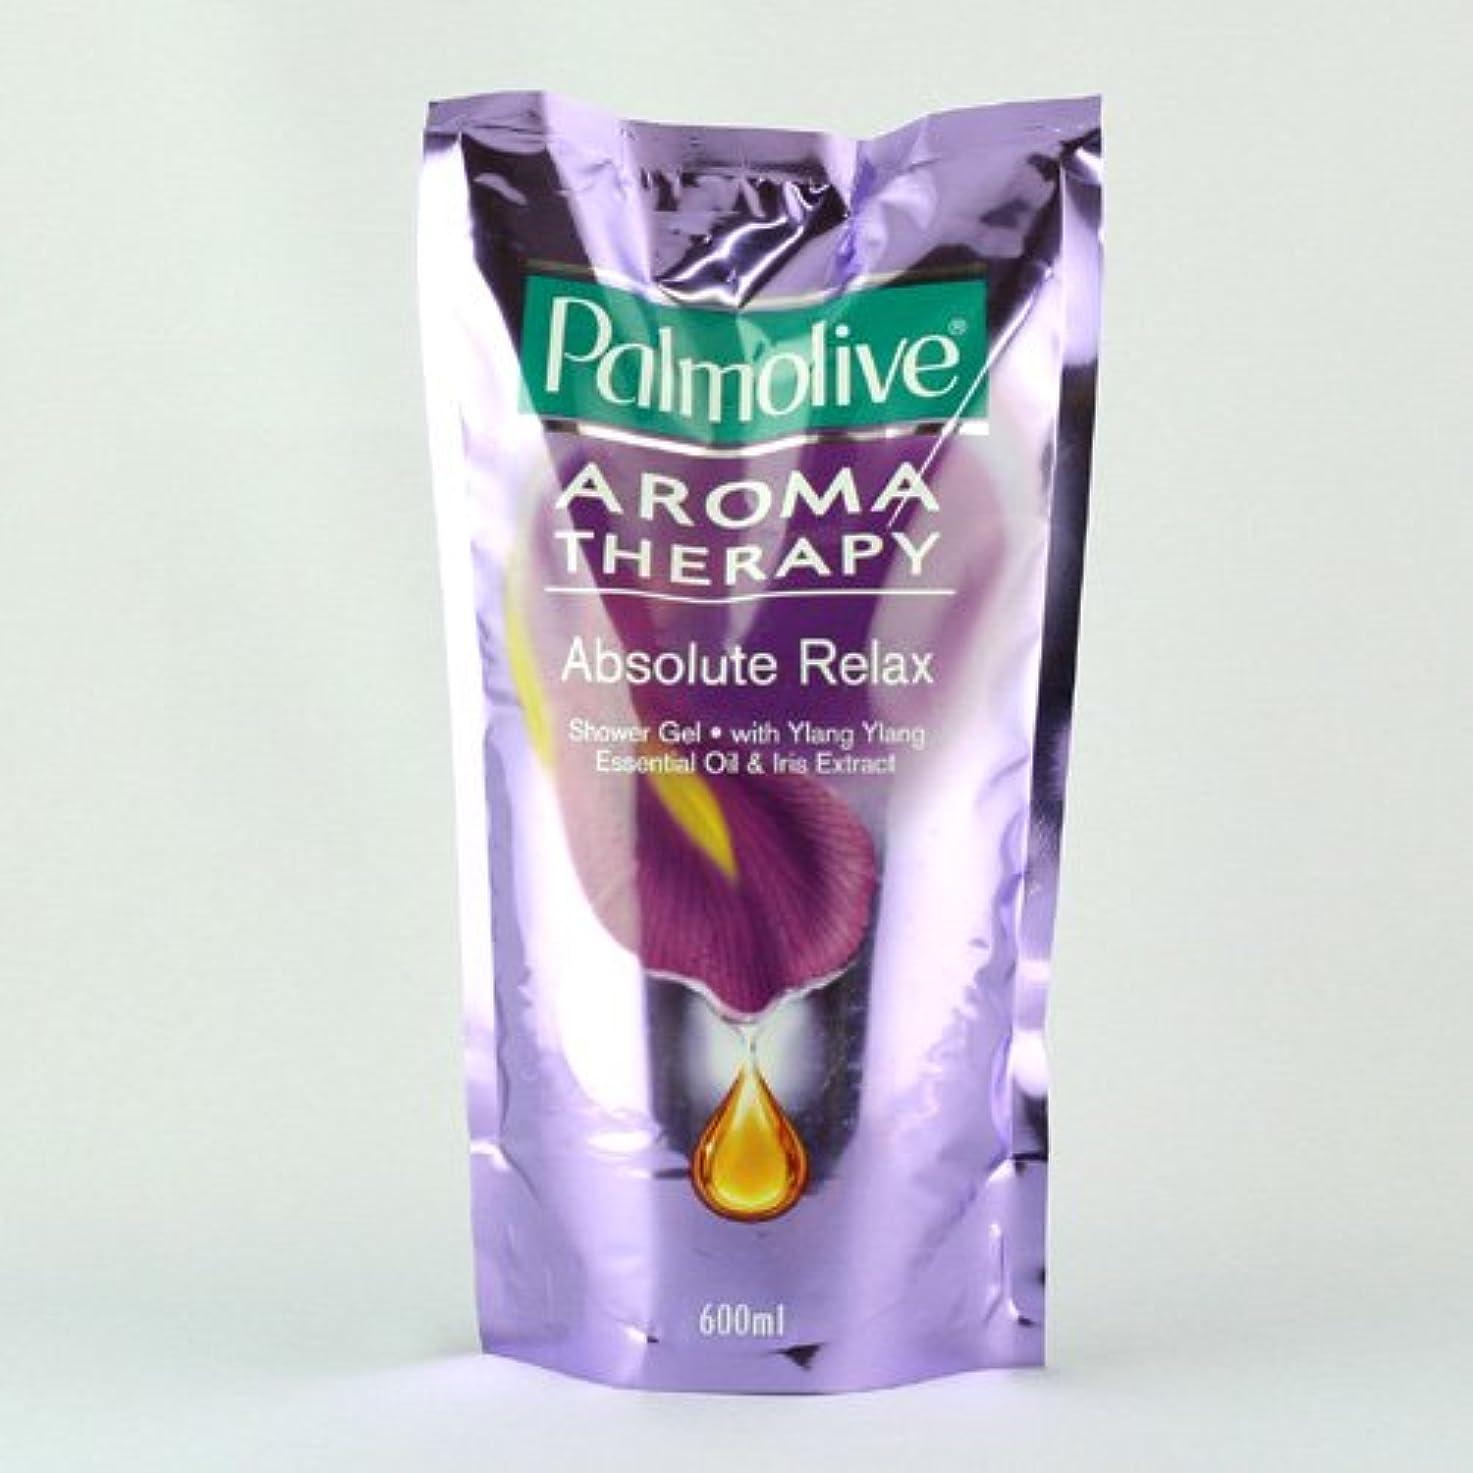 押す目を覚ます正確さ【Palmolive】パルモリーブ シャワージェル詰め替え用(アブスルートリラックス) 600ml / 25oz